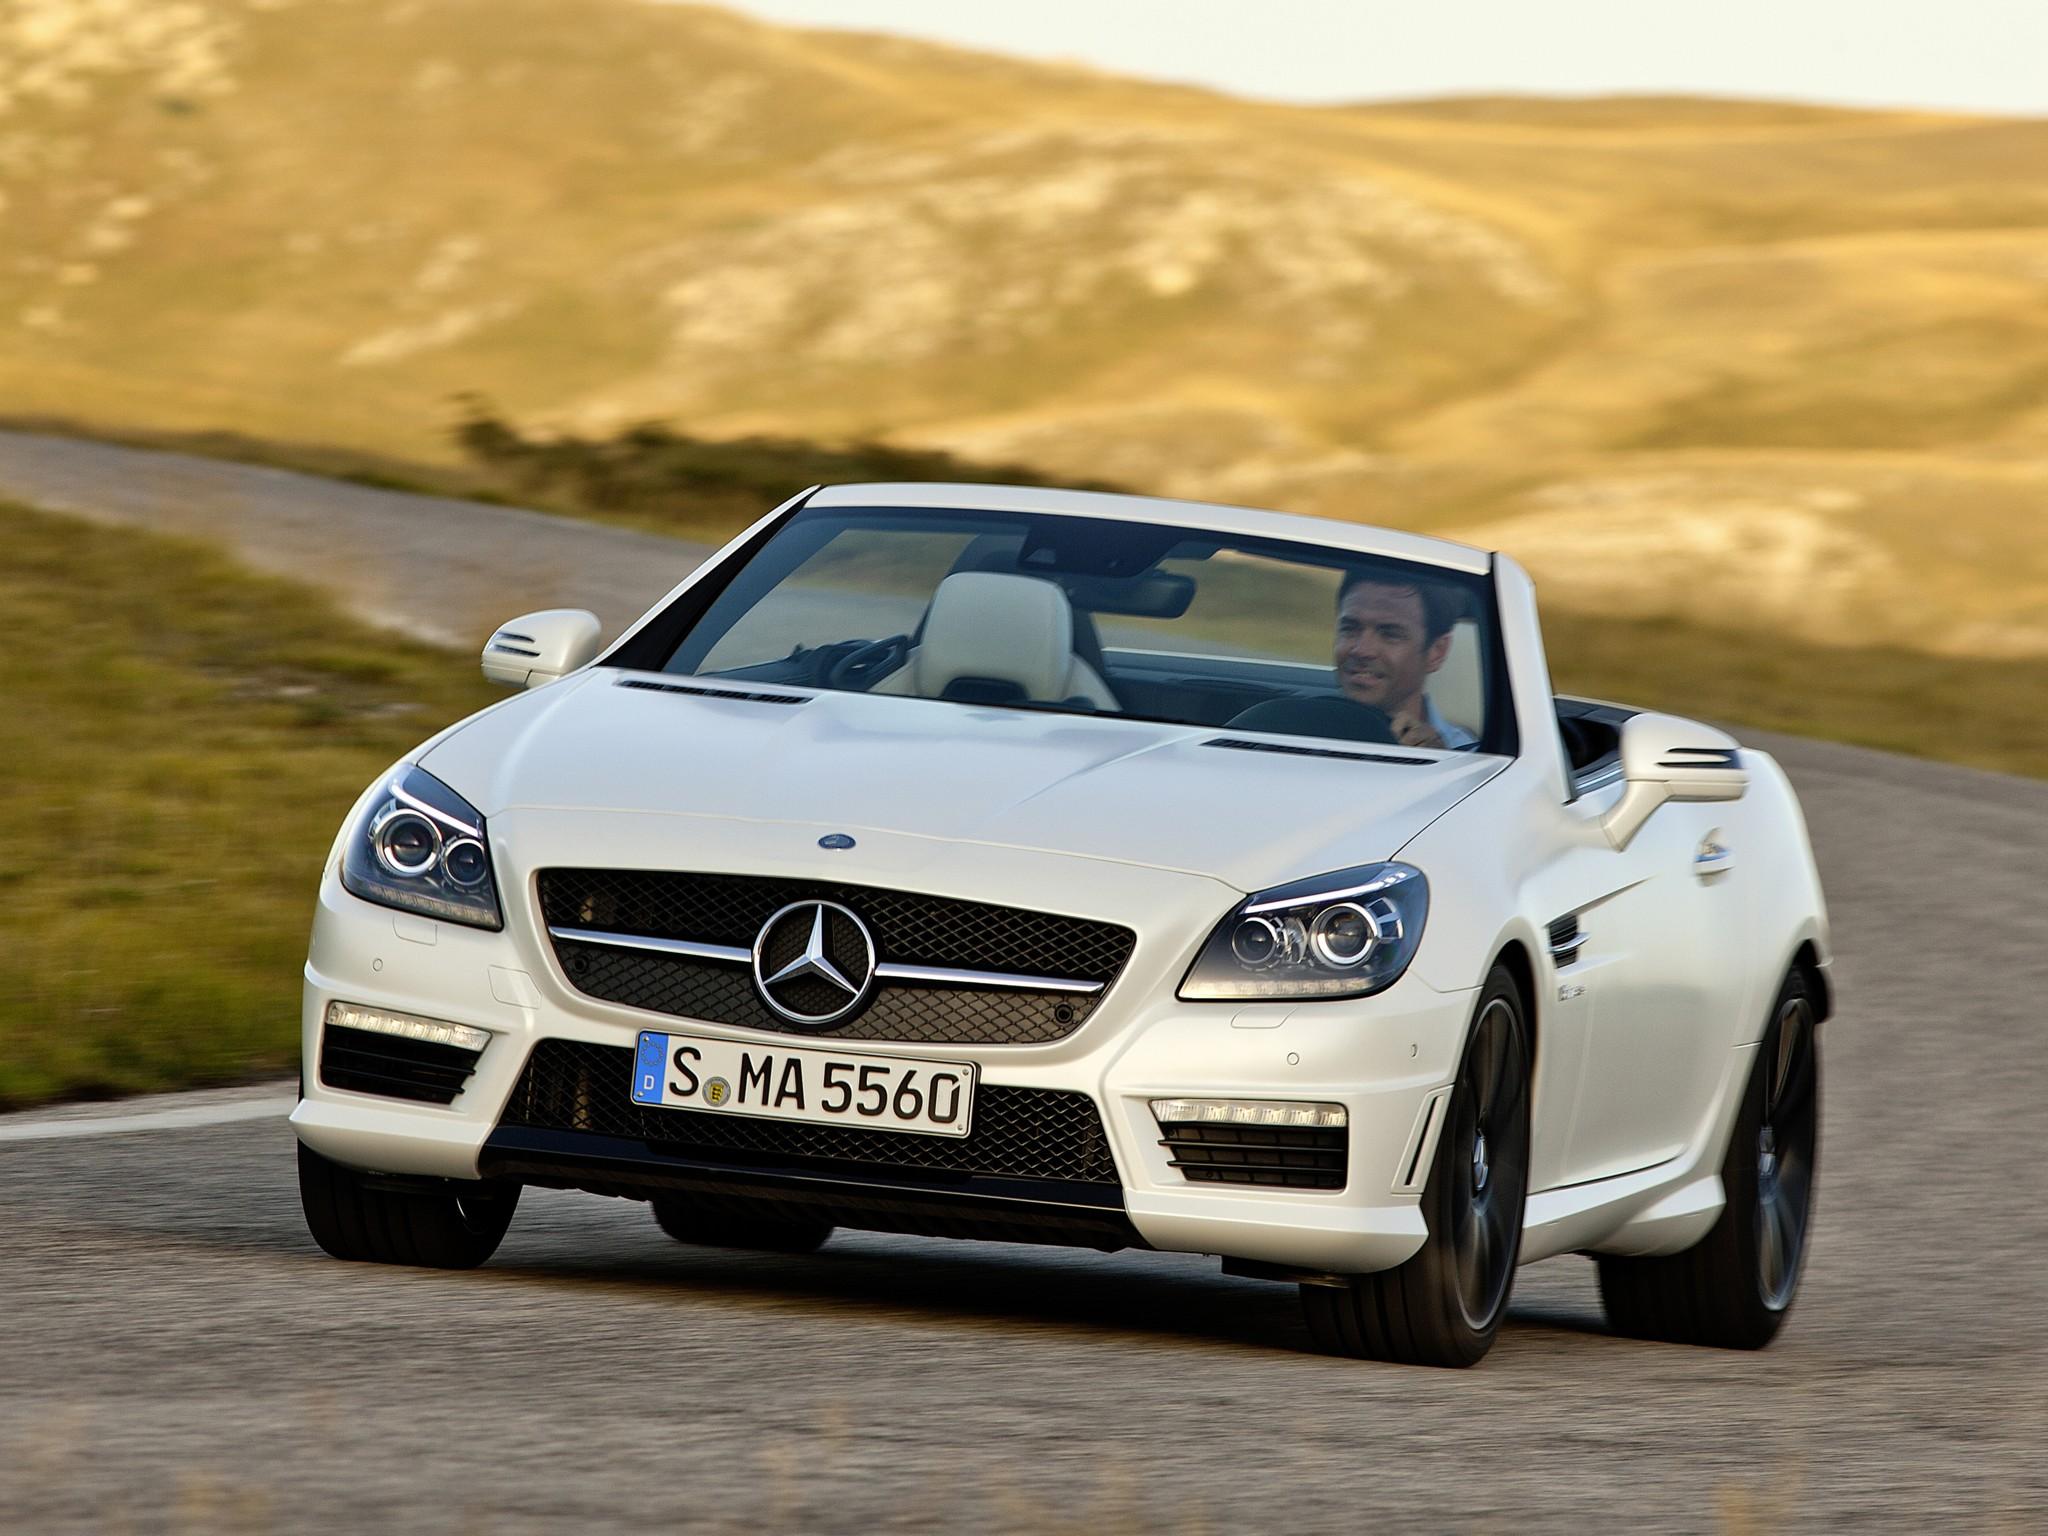 Mercedes benz slk 55 amg r172 specs 2012 2013 2014 for New mercedes benz slk